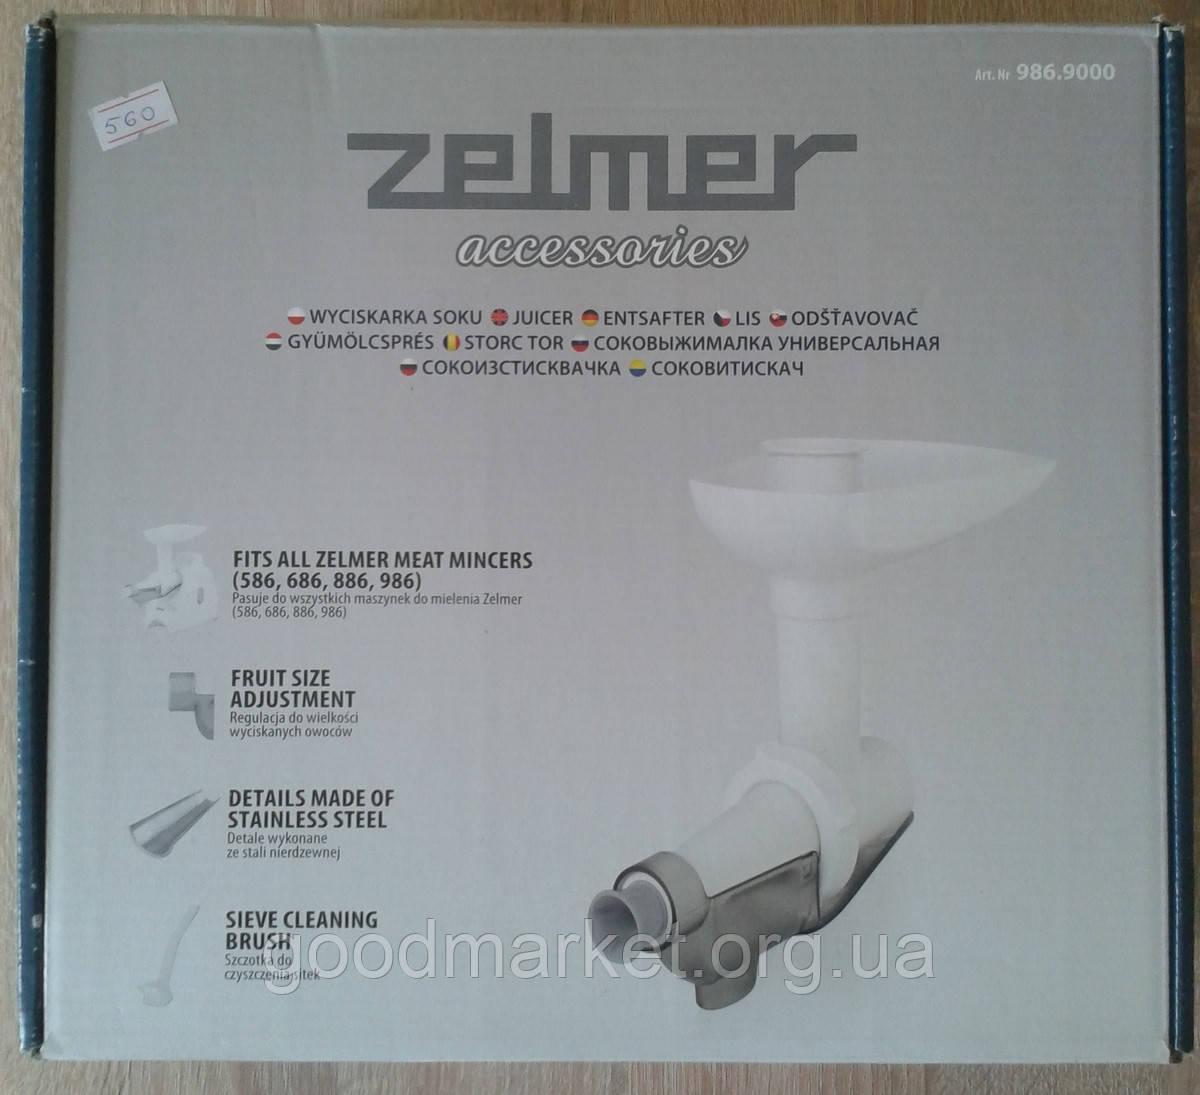 Шнековий соковитискач для томатів та ягід м'яка ясорубок Zelmer A9869000 (ZMMA082W)